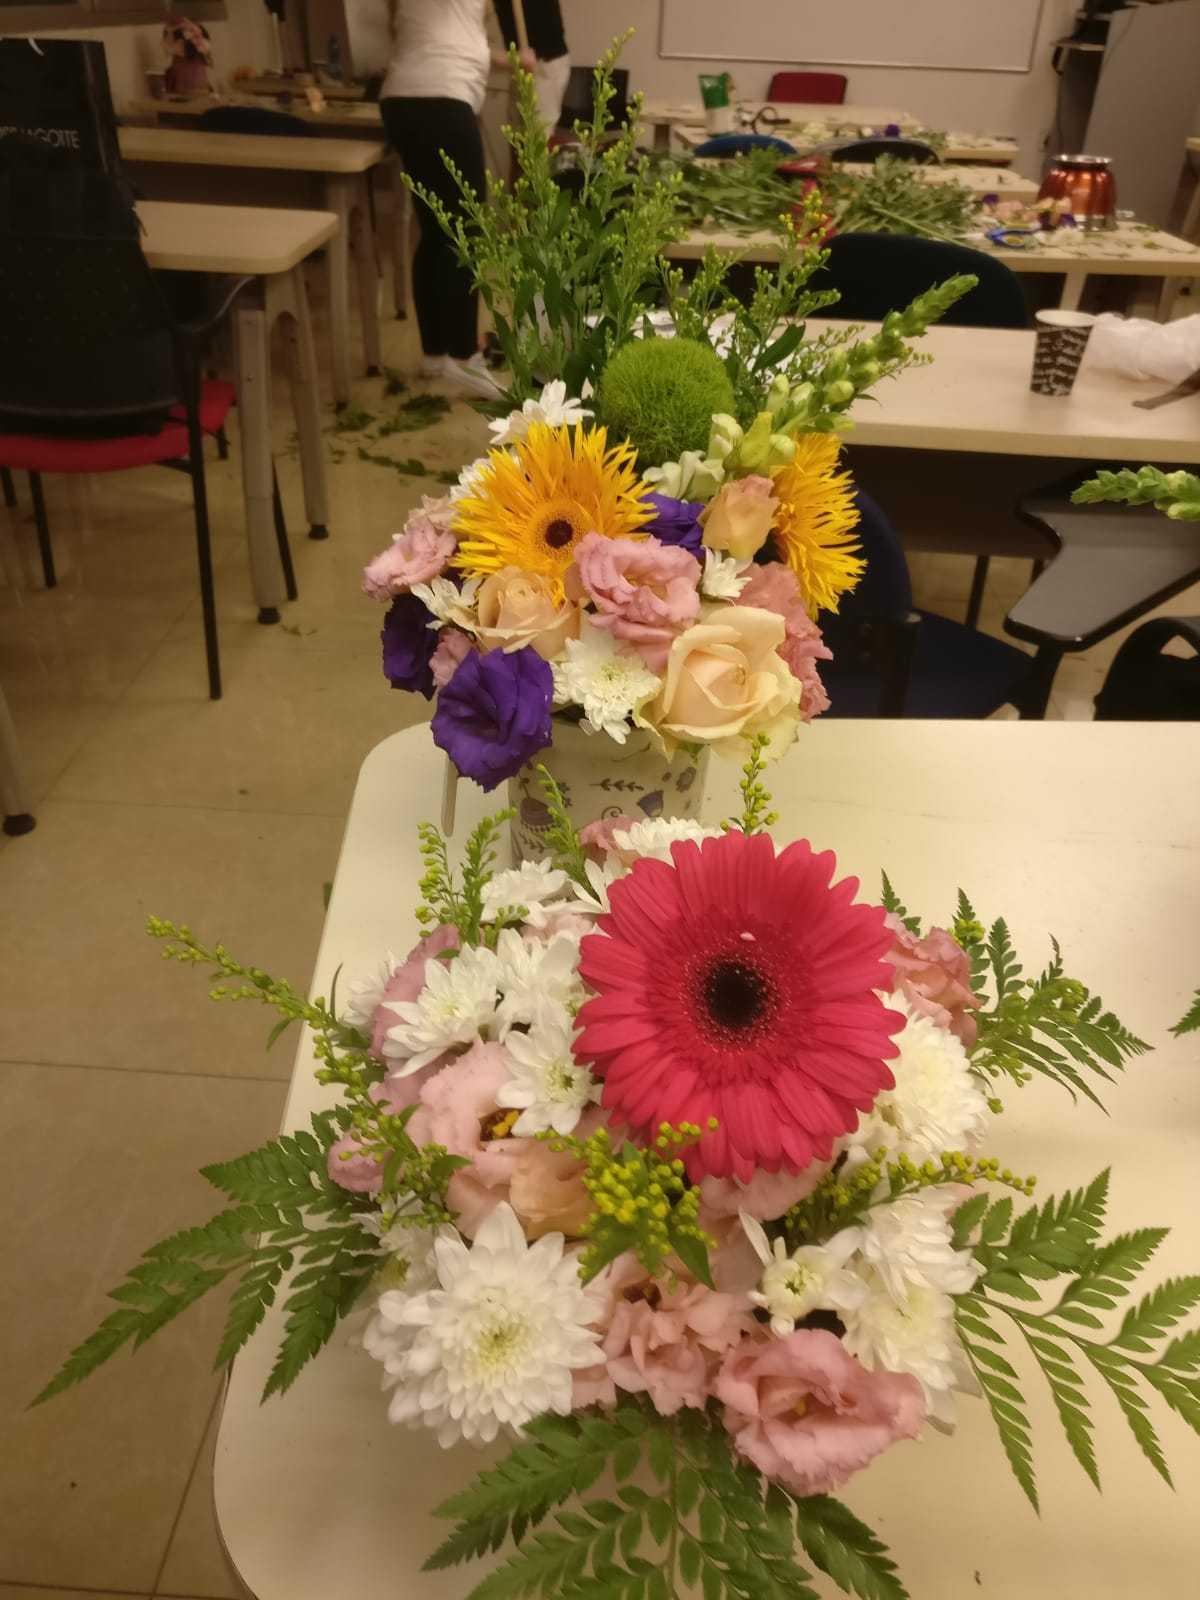 גלרייה - שיעור שזירת פרחים - קורס הפקת אירועים מחזור 23, 11 מתוך 32